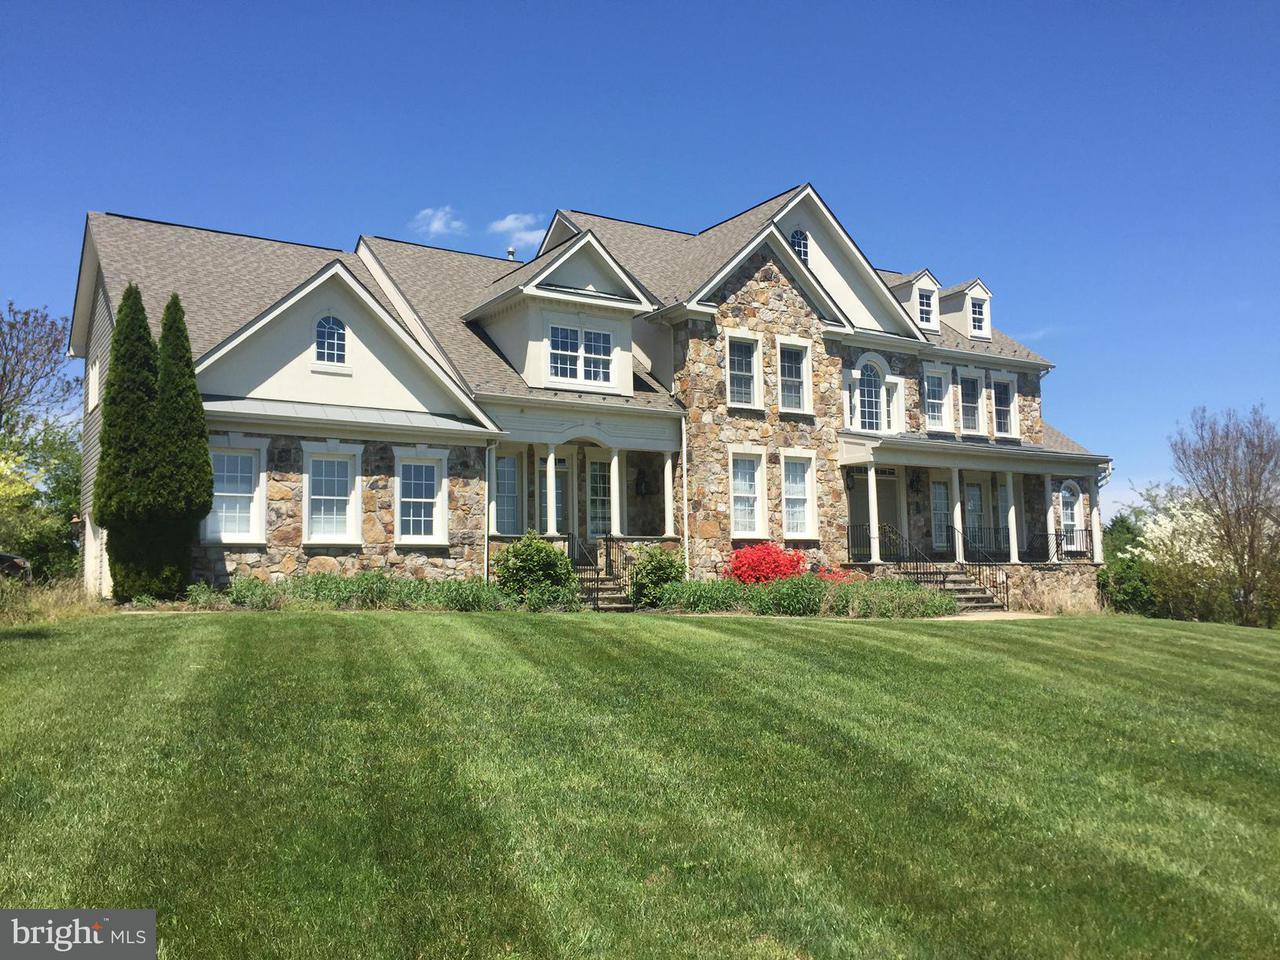 一戸建て のために 売買 アット 14416 Monticello Drive 14416 Monticello Drive Cooksville, メリーランド 21723 アメリカ合衆国